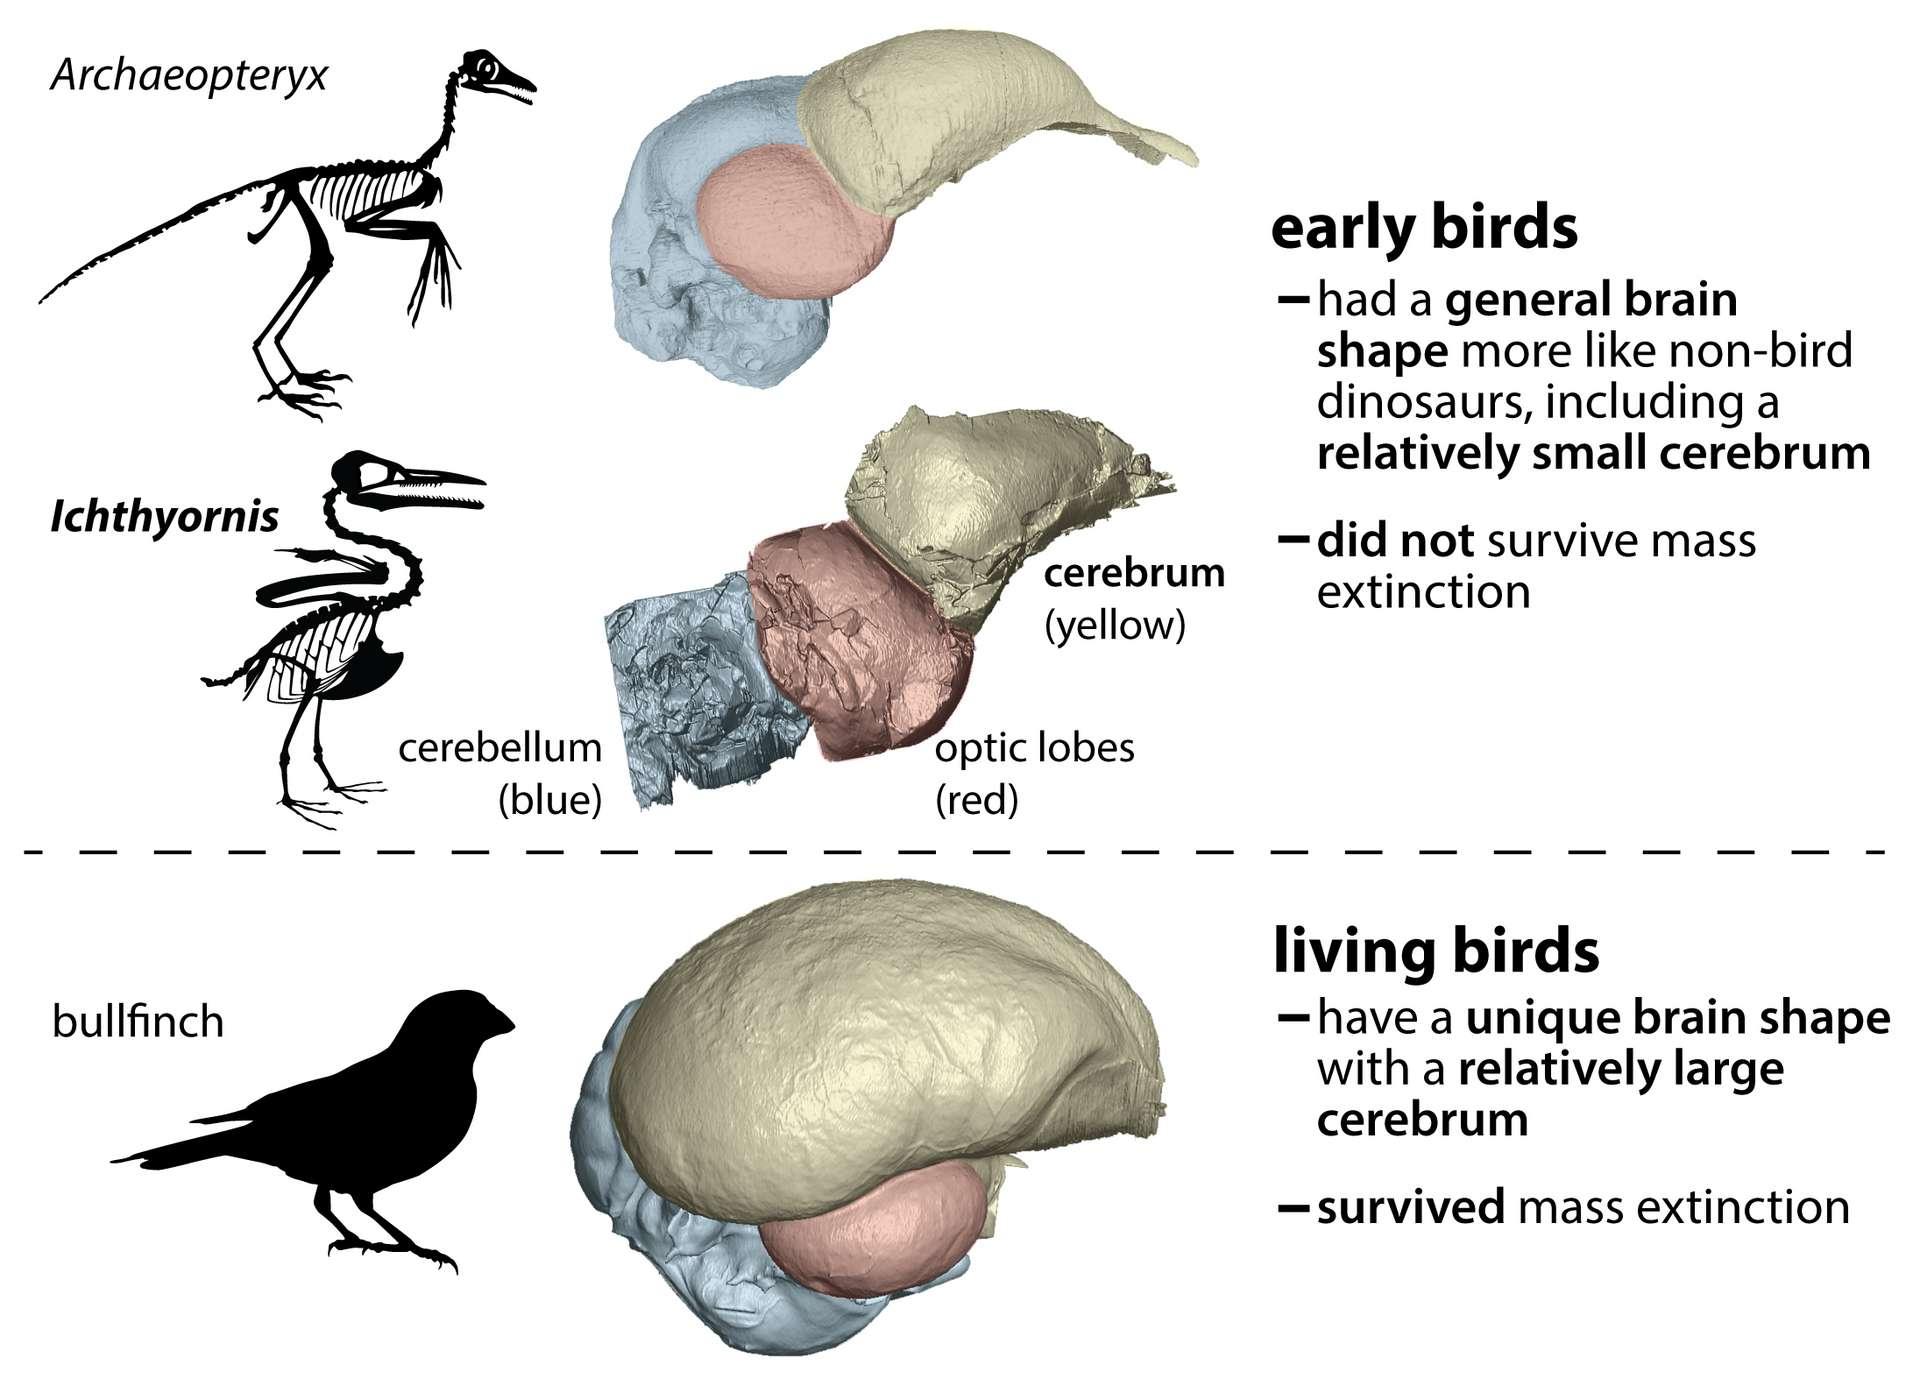 Les ancêtres des oiseaux vivants auraient eu une forme de cerveau très différente de celle des autres dinosaures. © Christopher Torres, Université du Texas, Austin, États-Unis